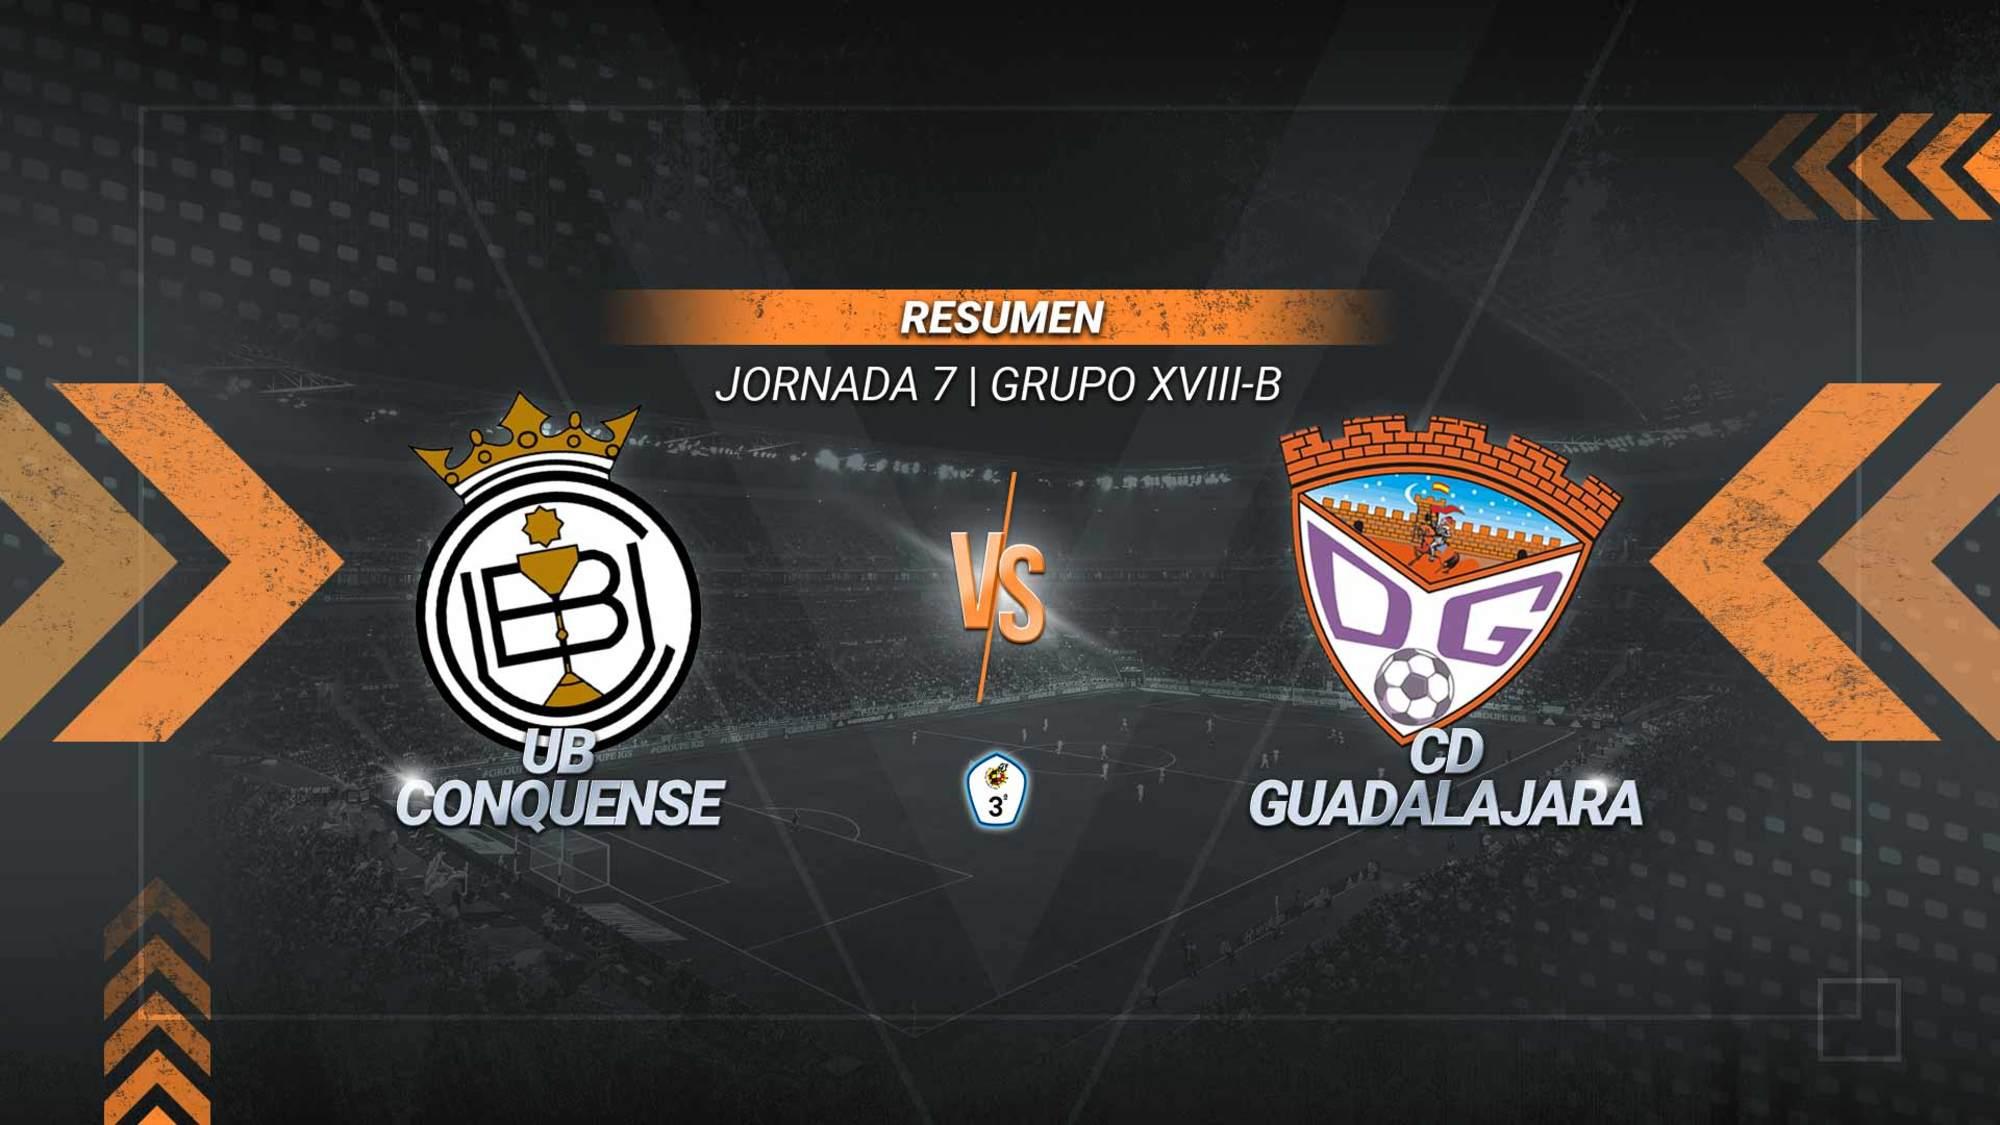 Un gol de Gérica decide el duelo de favoritos al ascenso y da al Conquense la cuarta victoria de la temporada. Los de Fran García alcanzan los doce puntos y superan al Guadalajara, que cae cinco jornadas después y se queda con once.